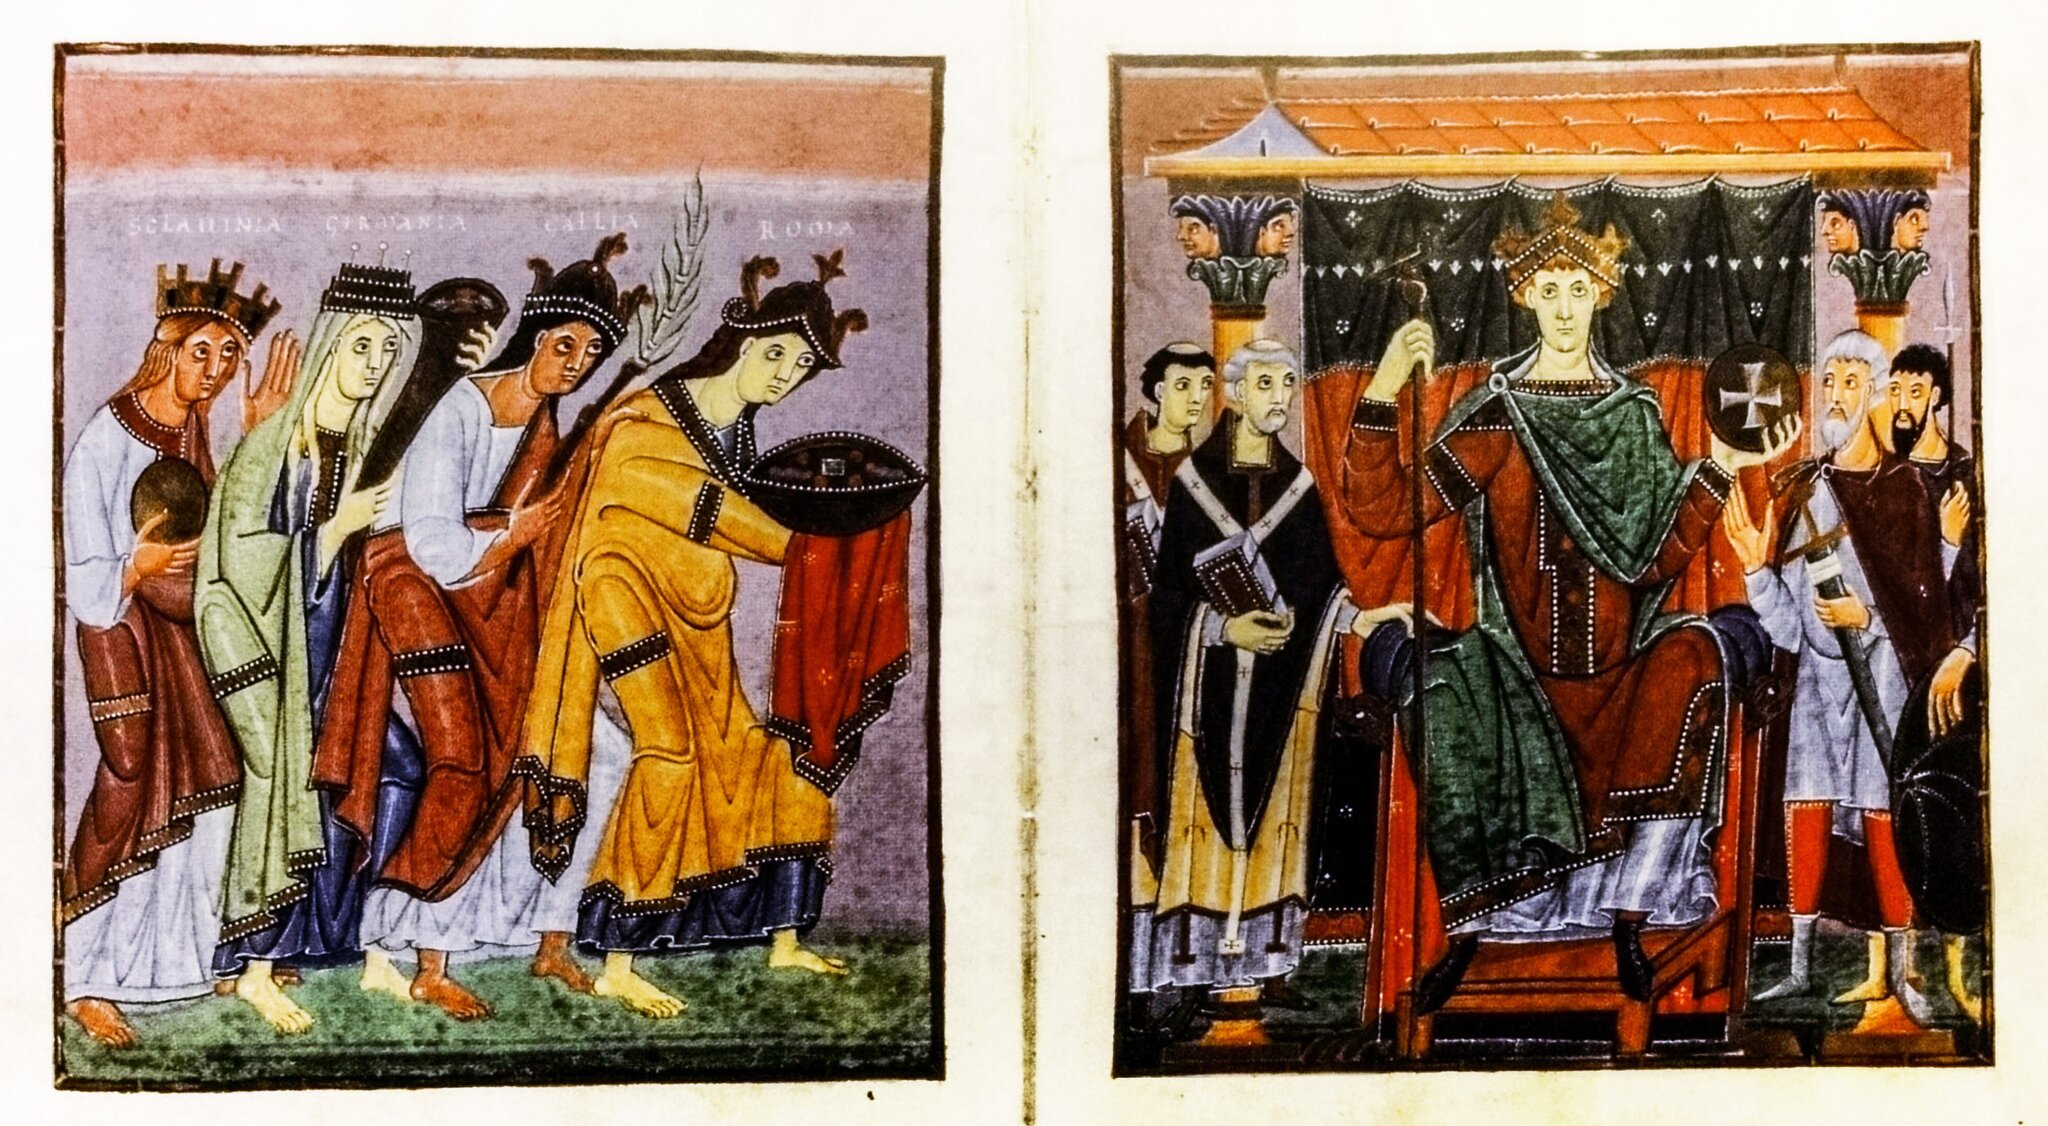 Cesarz Otton III przyjmuje dary od podległych mu prowincji Cesarz Otton III przyjmuje dary od podległych mu prowincji Źródło: Bawarska Biblioteka Państwowa, domena publiczna.